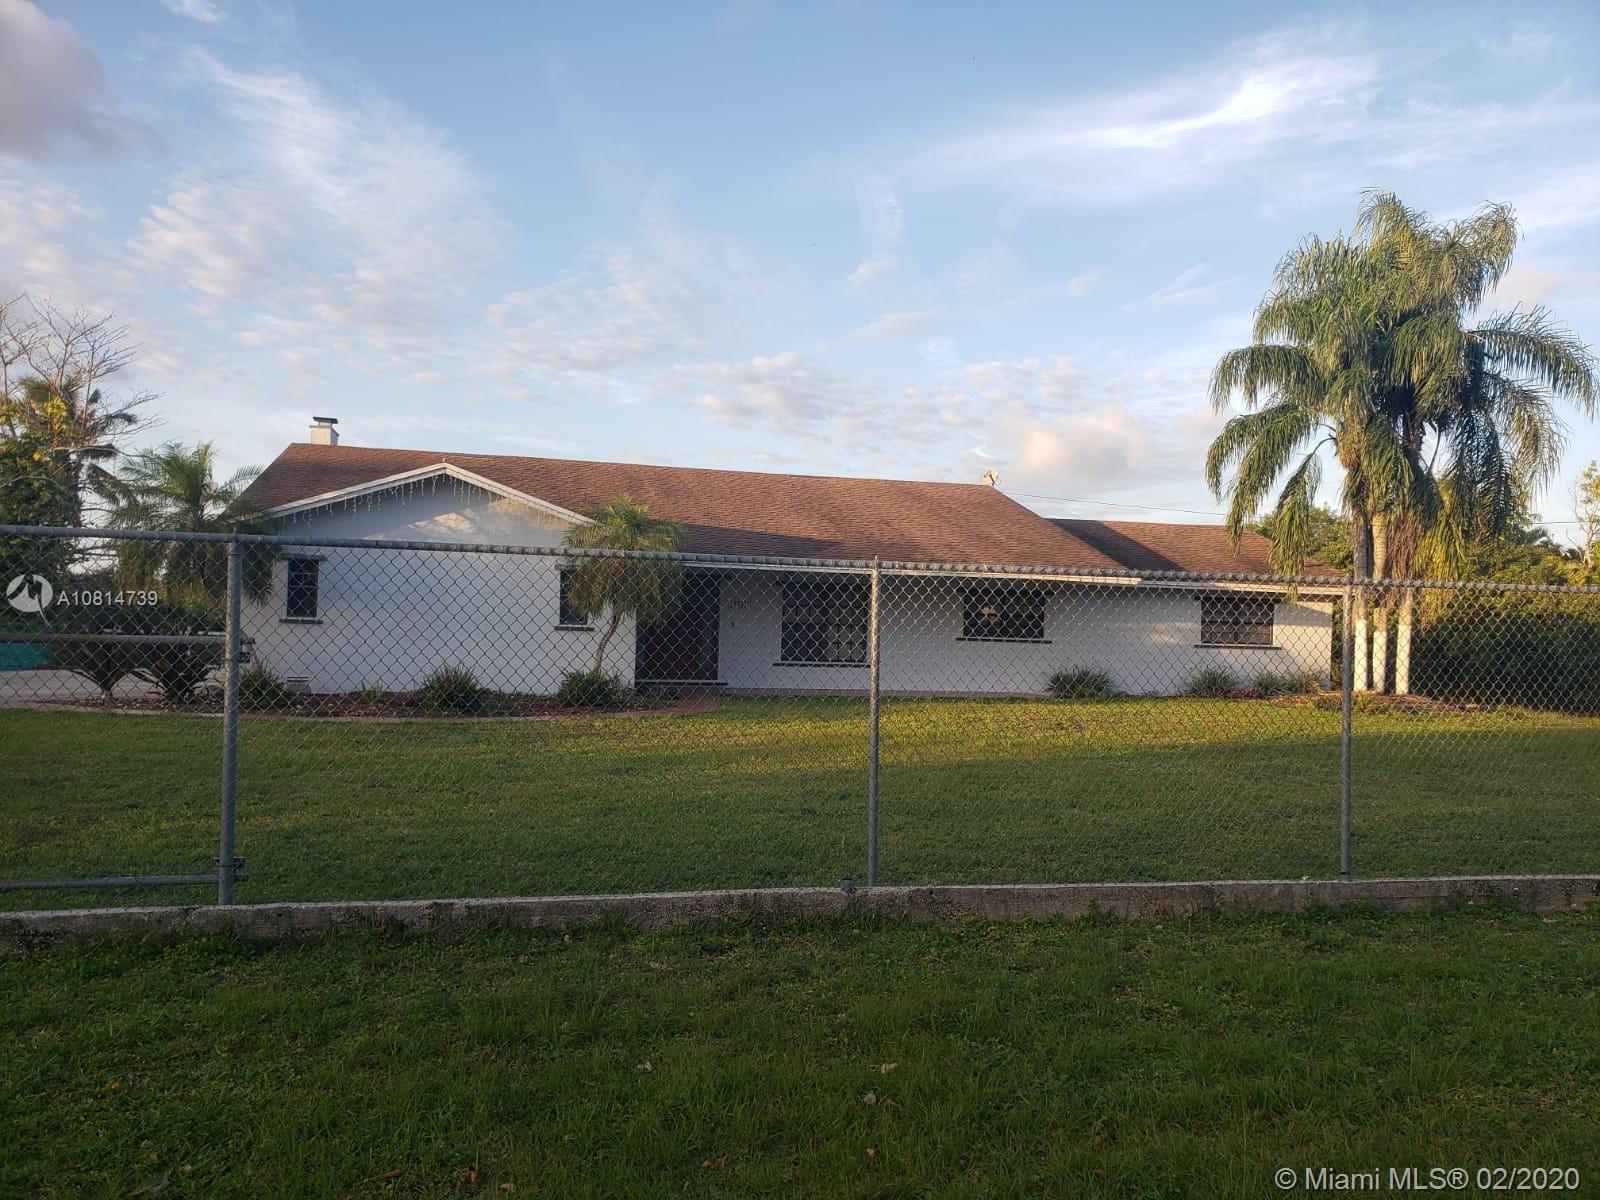 19491 SW 210th St, Miami, FL 33187